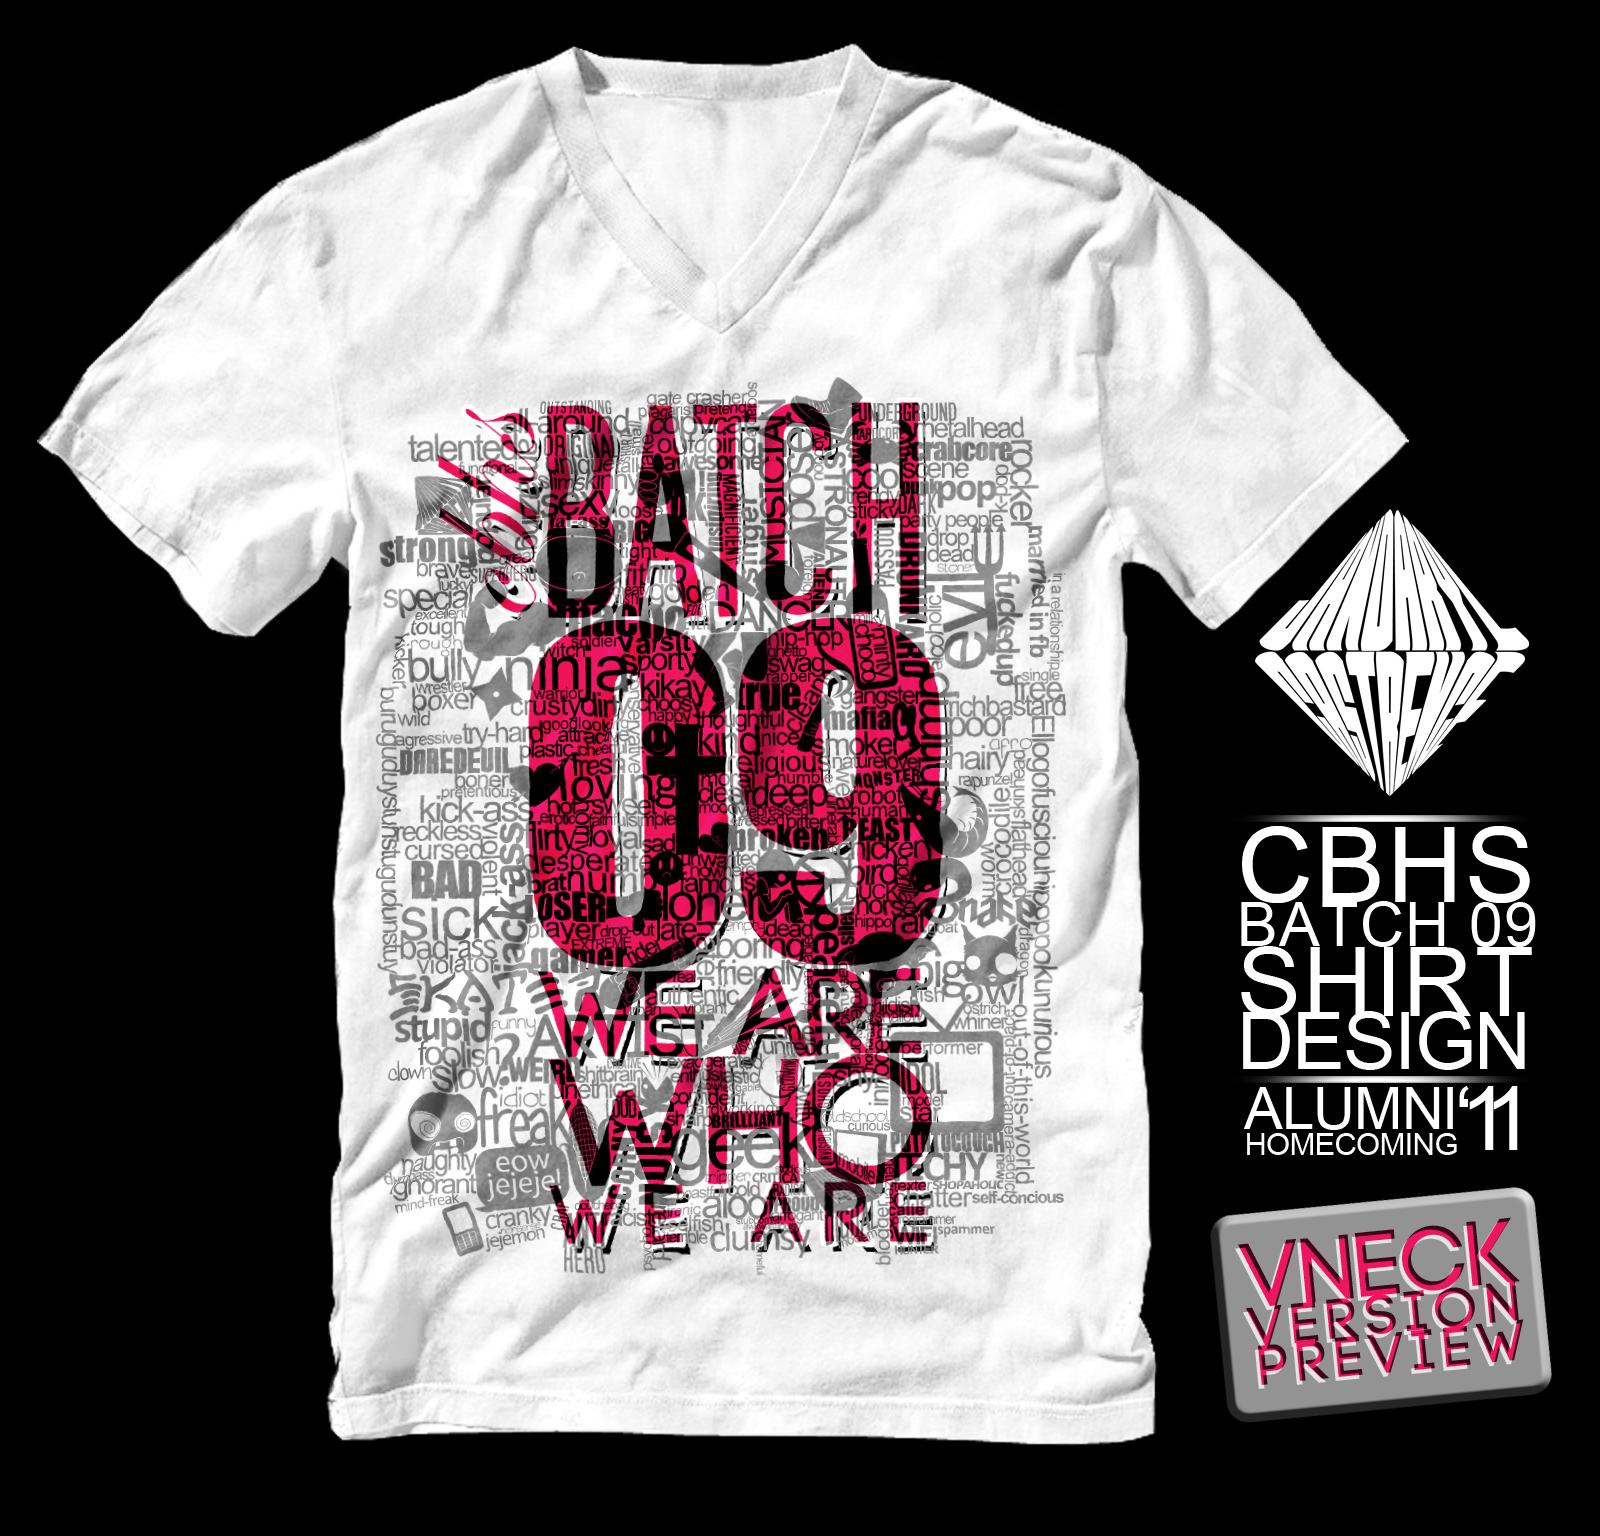 Tshirt design for alumni homecoming - Cbhs Batch 09 Shirt Vneck Pre By Jdbc Encore Alumni Tshirt Tshirt Design